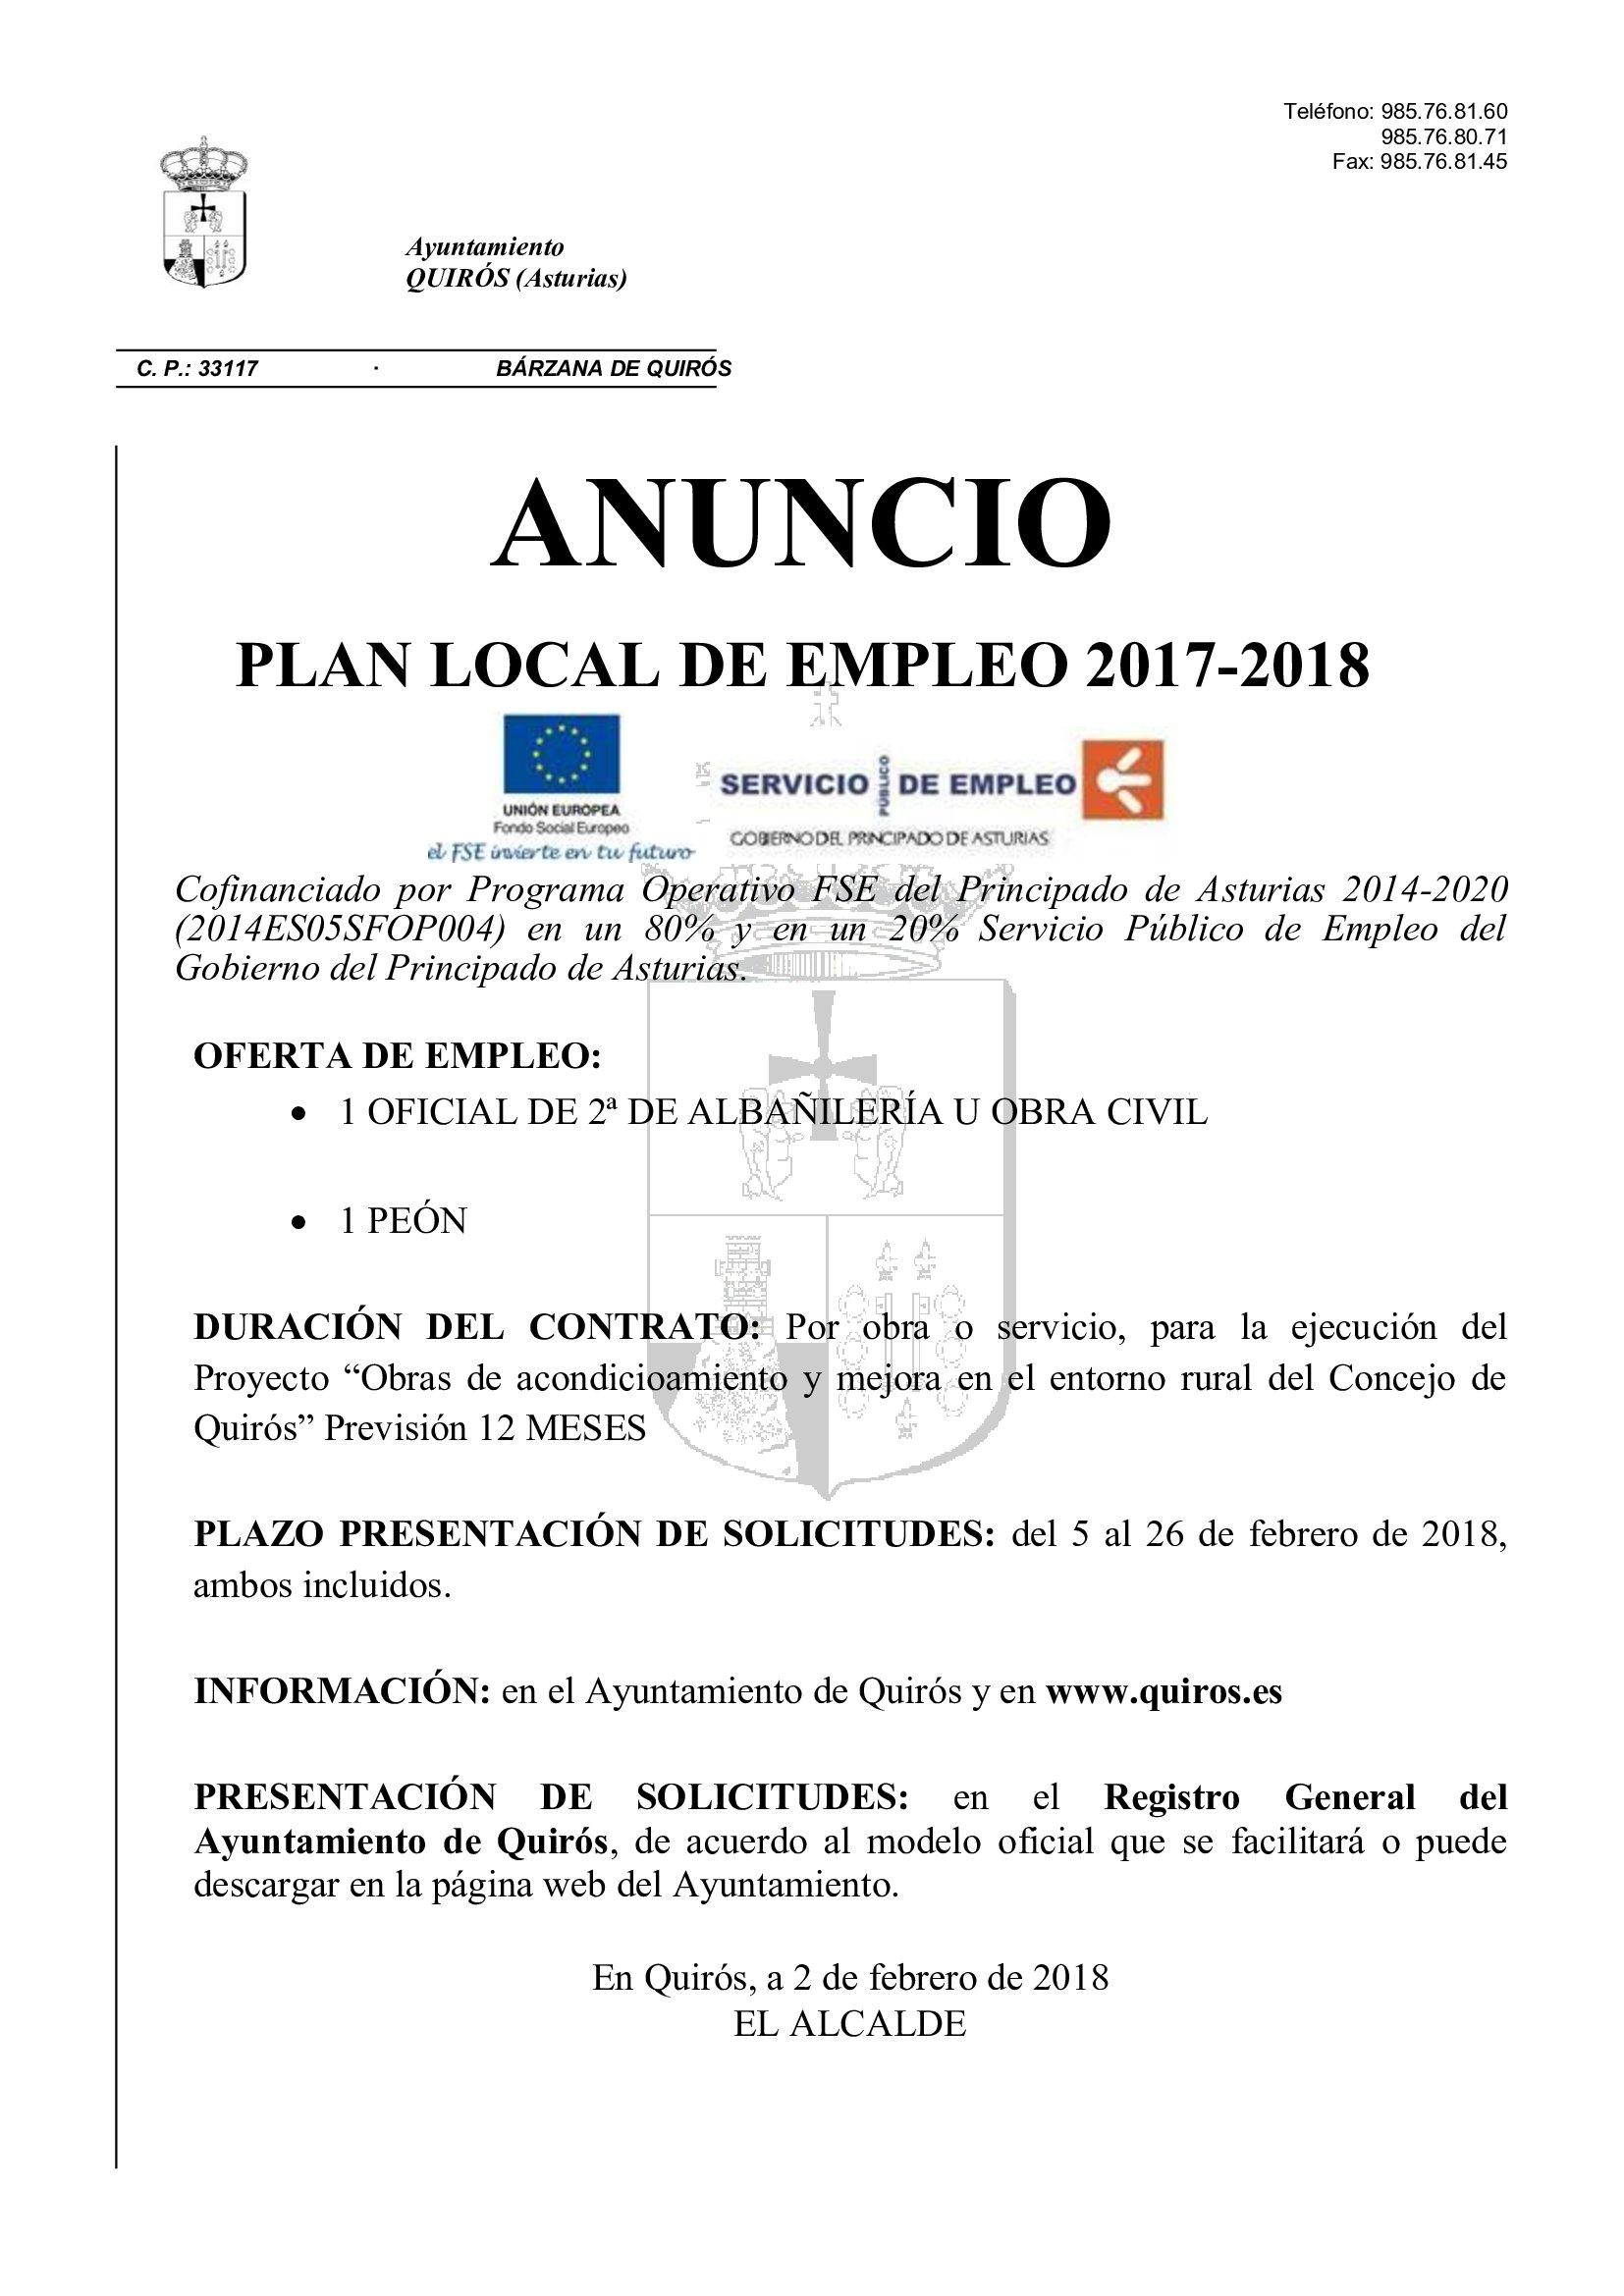 Anuncio plan empleo 2017_2018